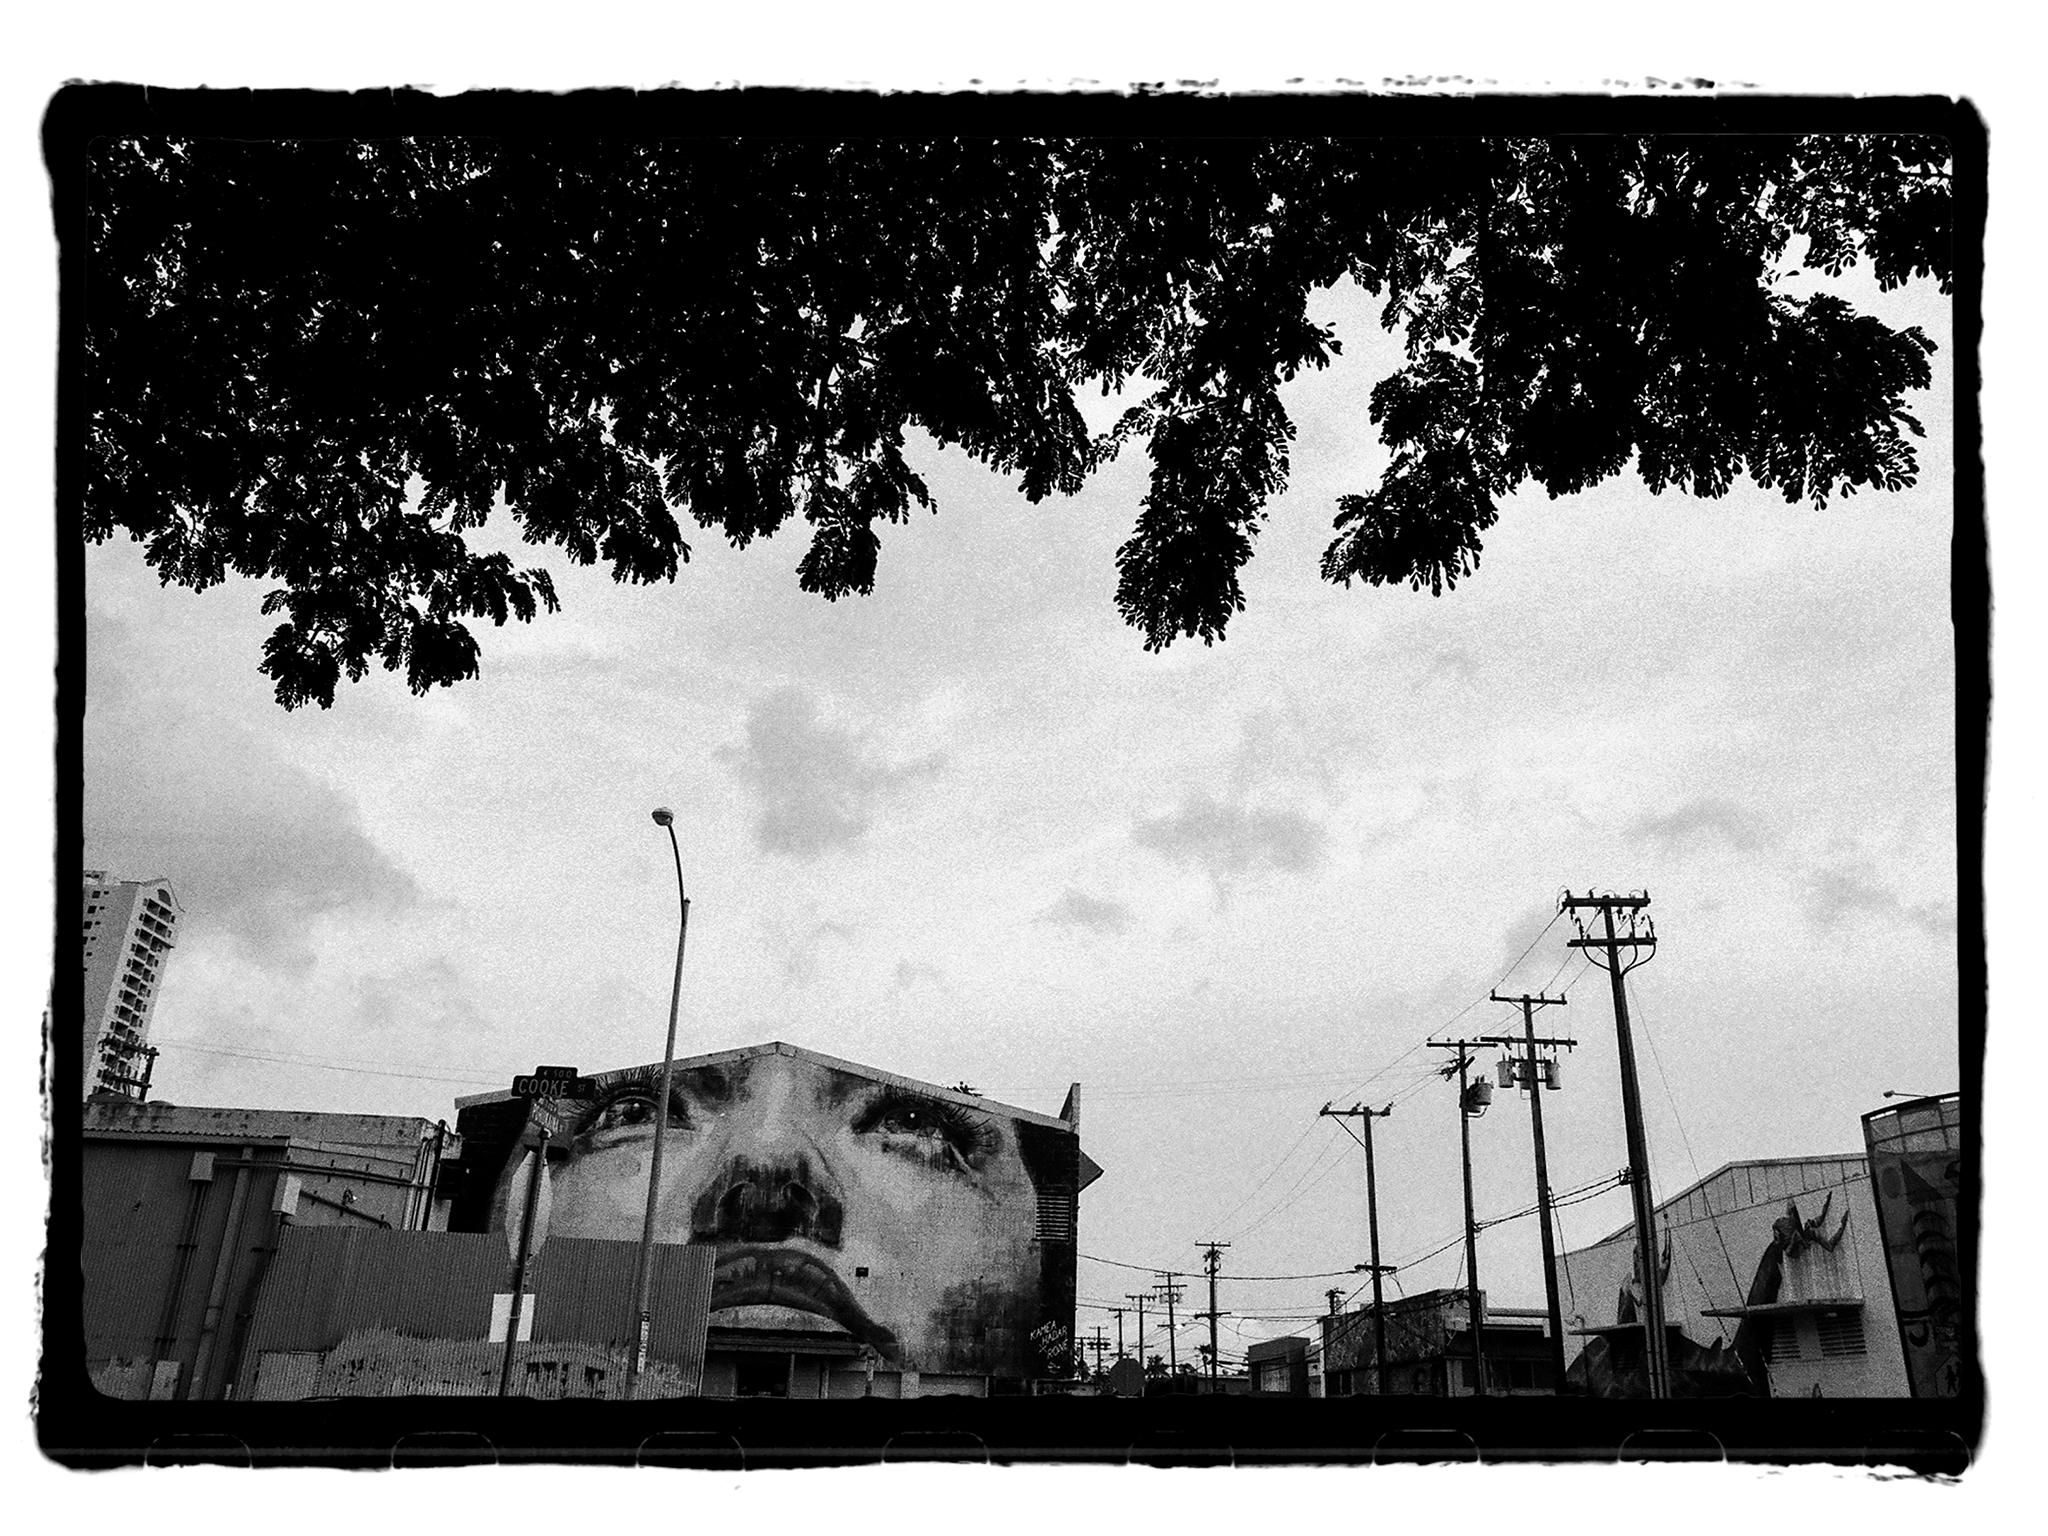 film-hi-streetmural-blog.jpg